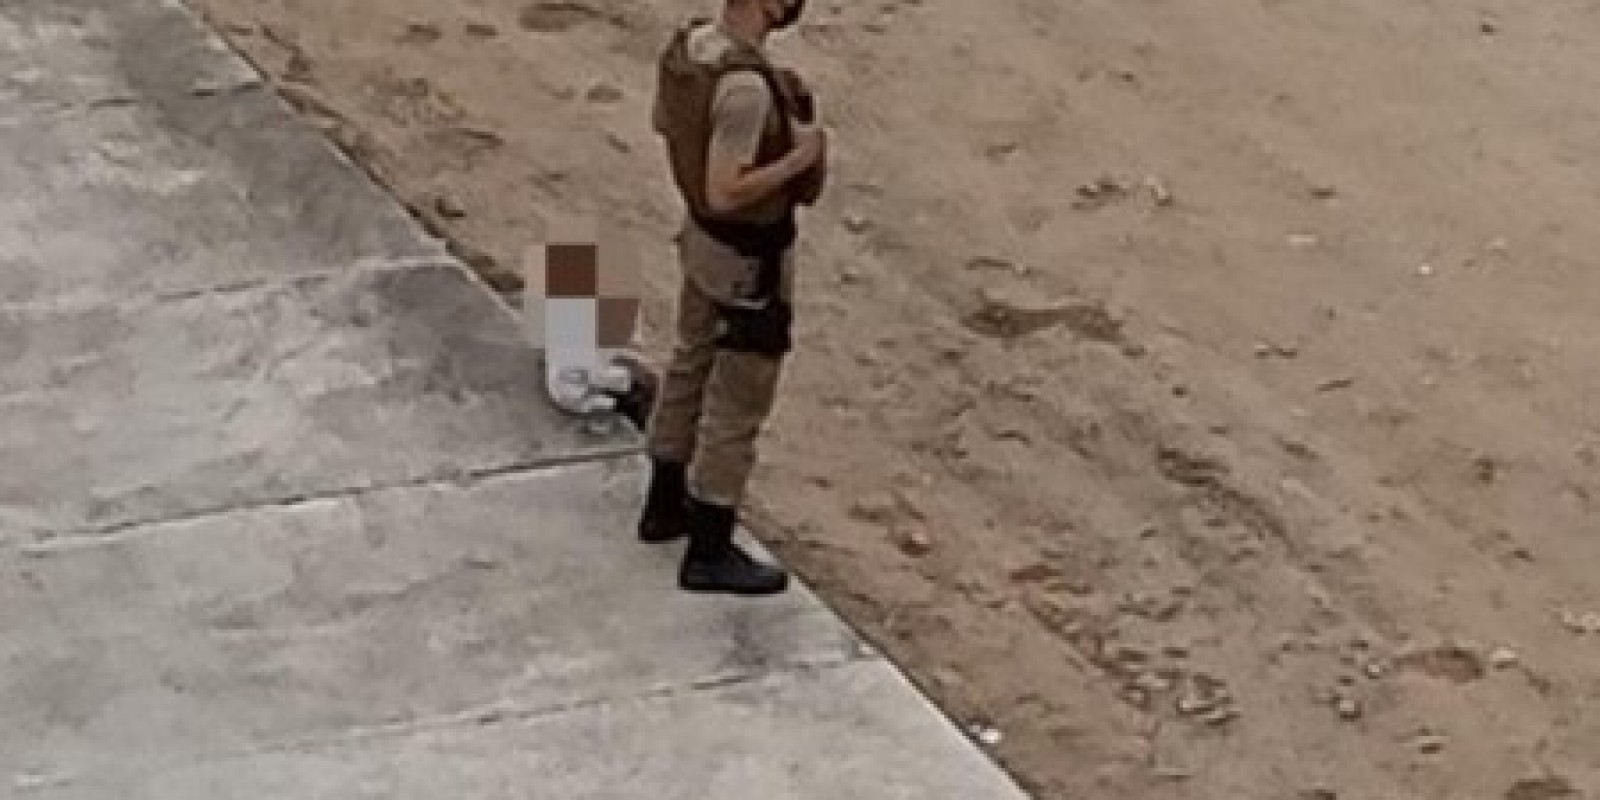 Atitudes de policial militar com criança repercutem nas redes sociais